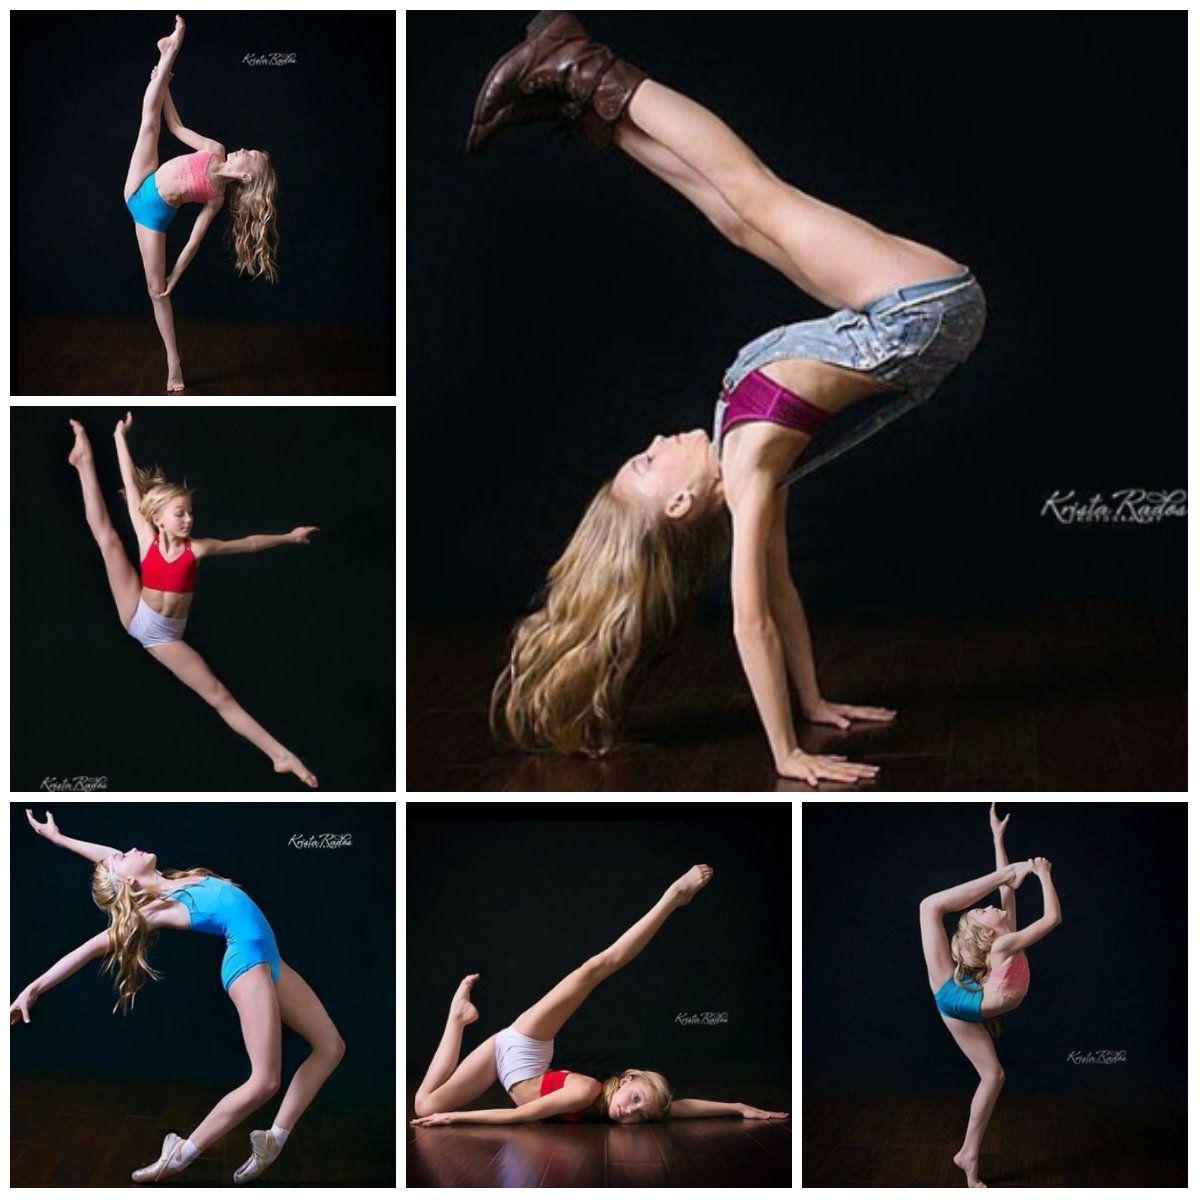 нашем как удачно сфотографировать выступление гимнастки помнит мелочи